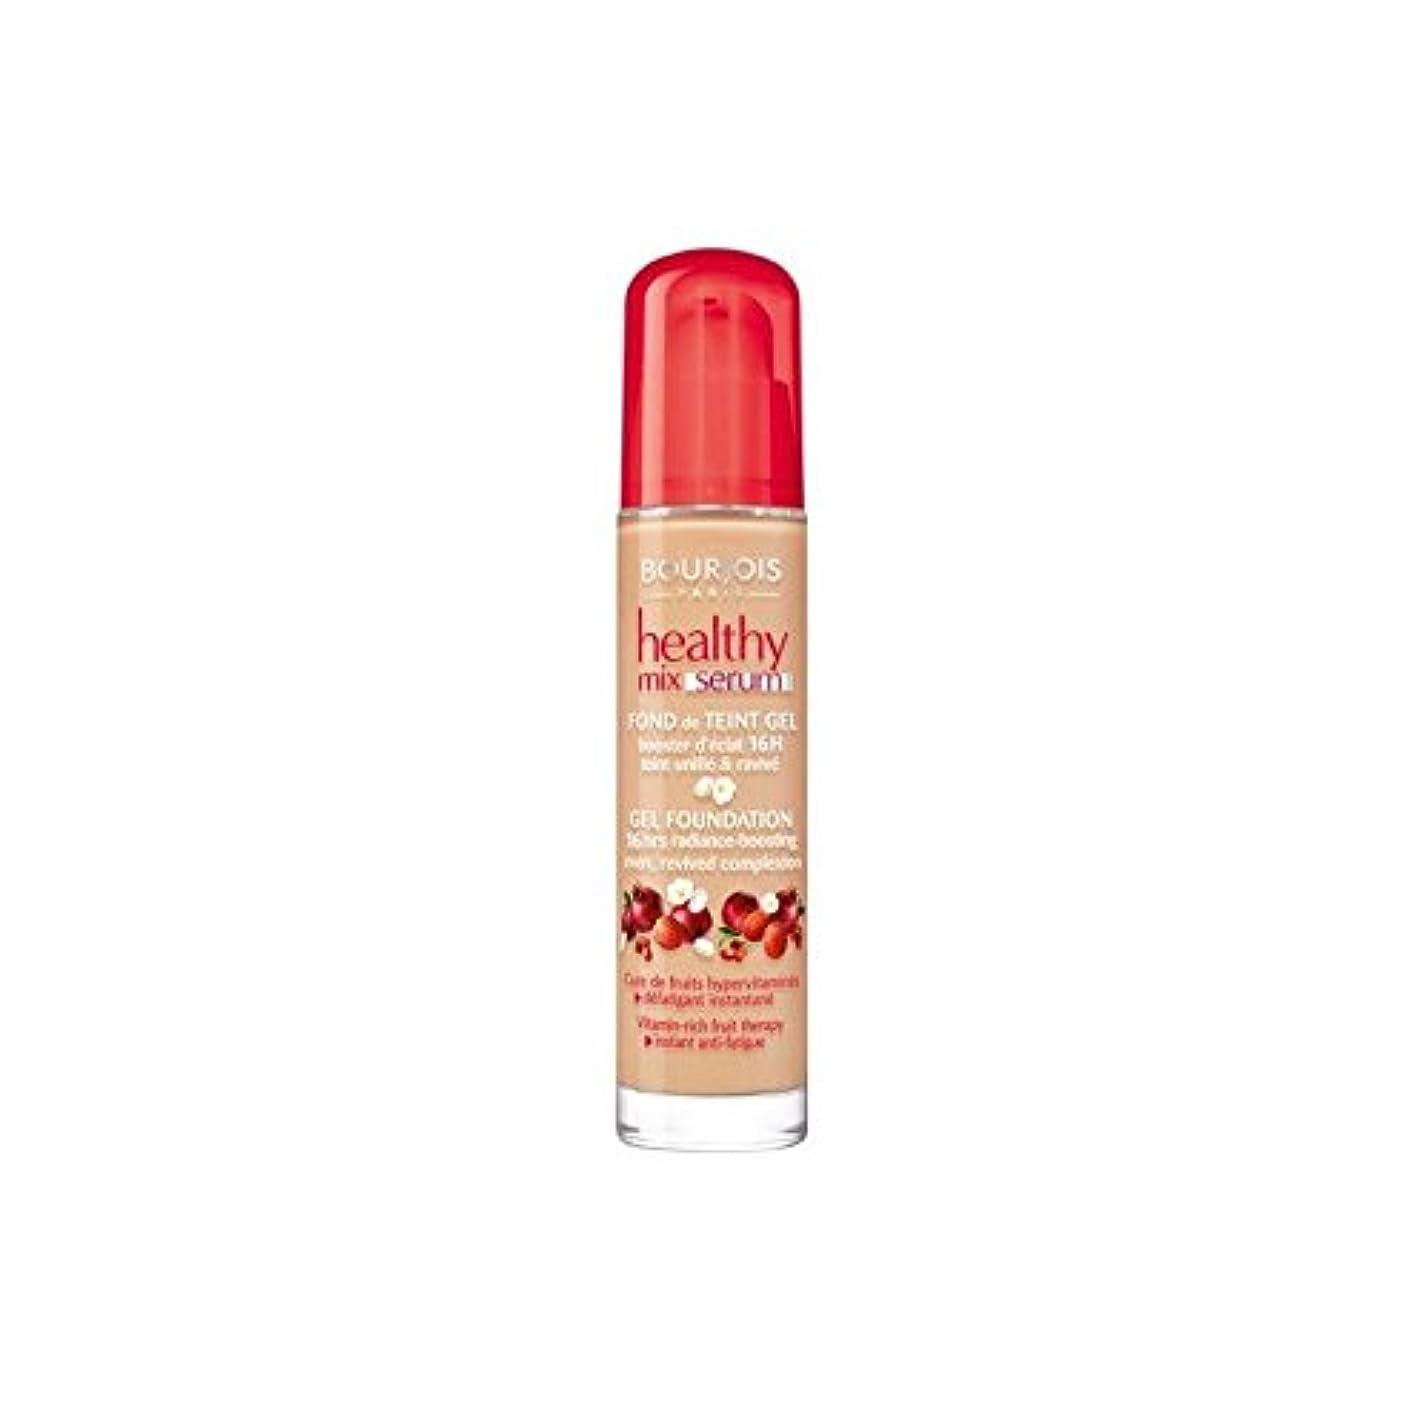 読みやすさピッチャー粉砕するブルジョワヘルシーミックス血清基盤ベージュ 55 x2 - Bourjois Healthy Mix Serum Foundation Beige Fonce 55 (Pack of 2) [並行輸入品]